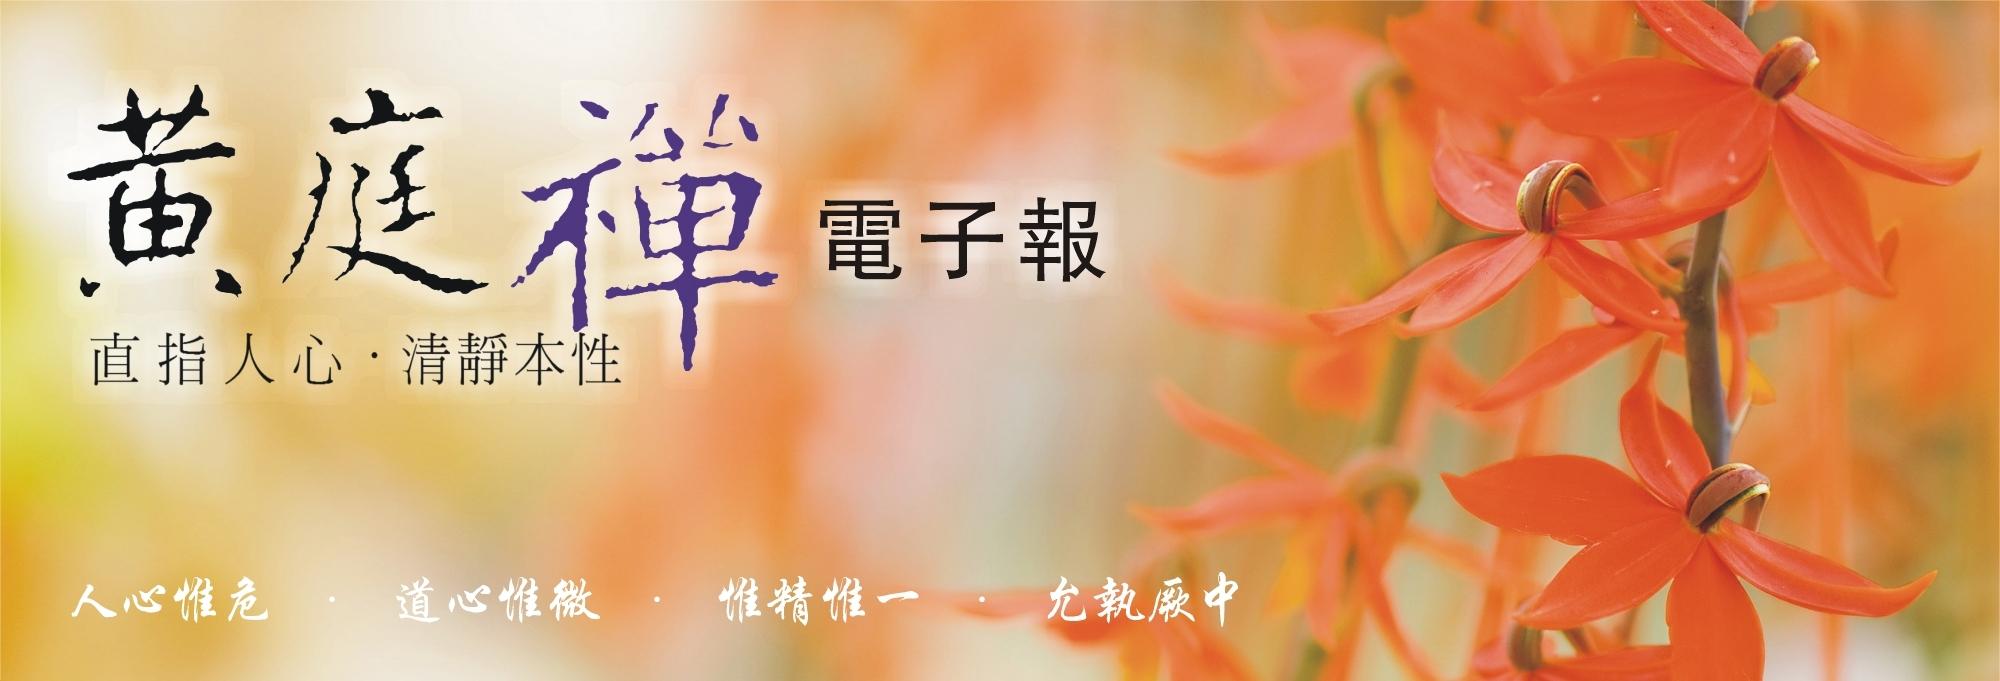 中華黃庭禪學會2016.11.21電子報